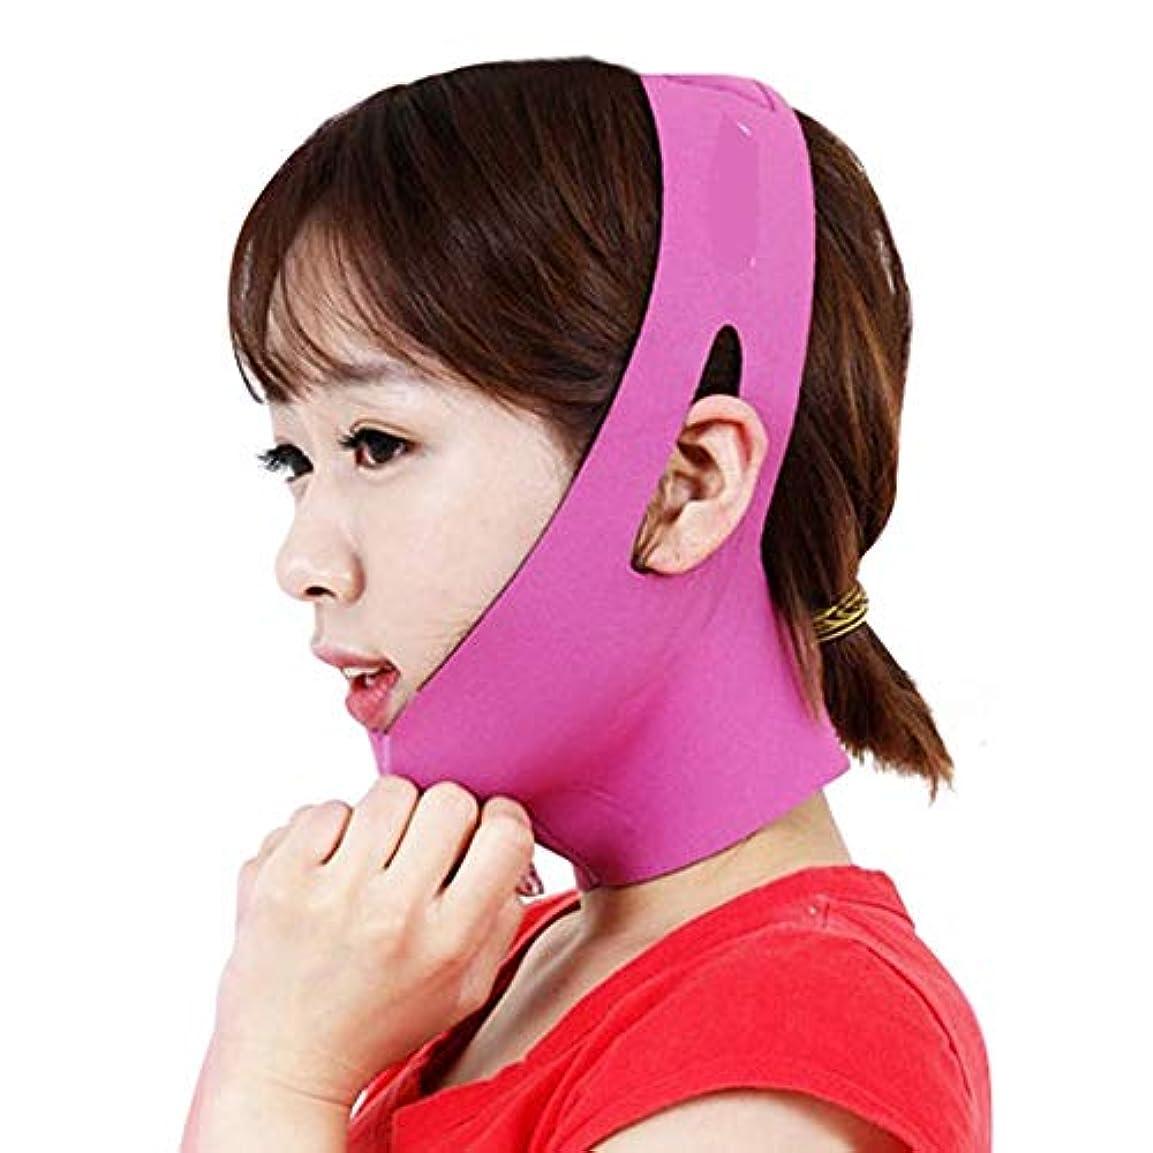 取るに足らない前述のドラムフェイシャルリフティング痩身ベルト圧縮二重あご減量ベルトスキンケア薄い顔包帯二重あごワークアウト (色 : Pink)